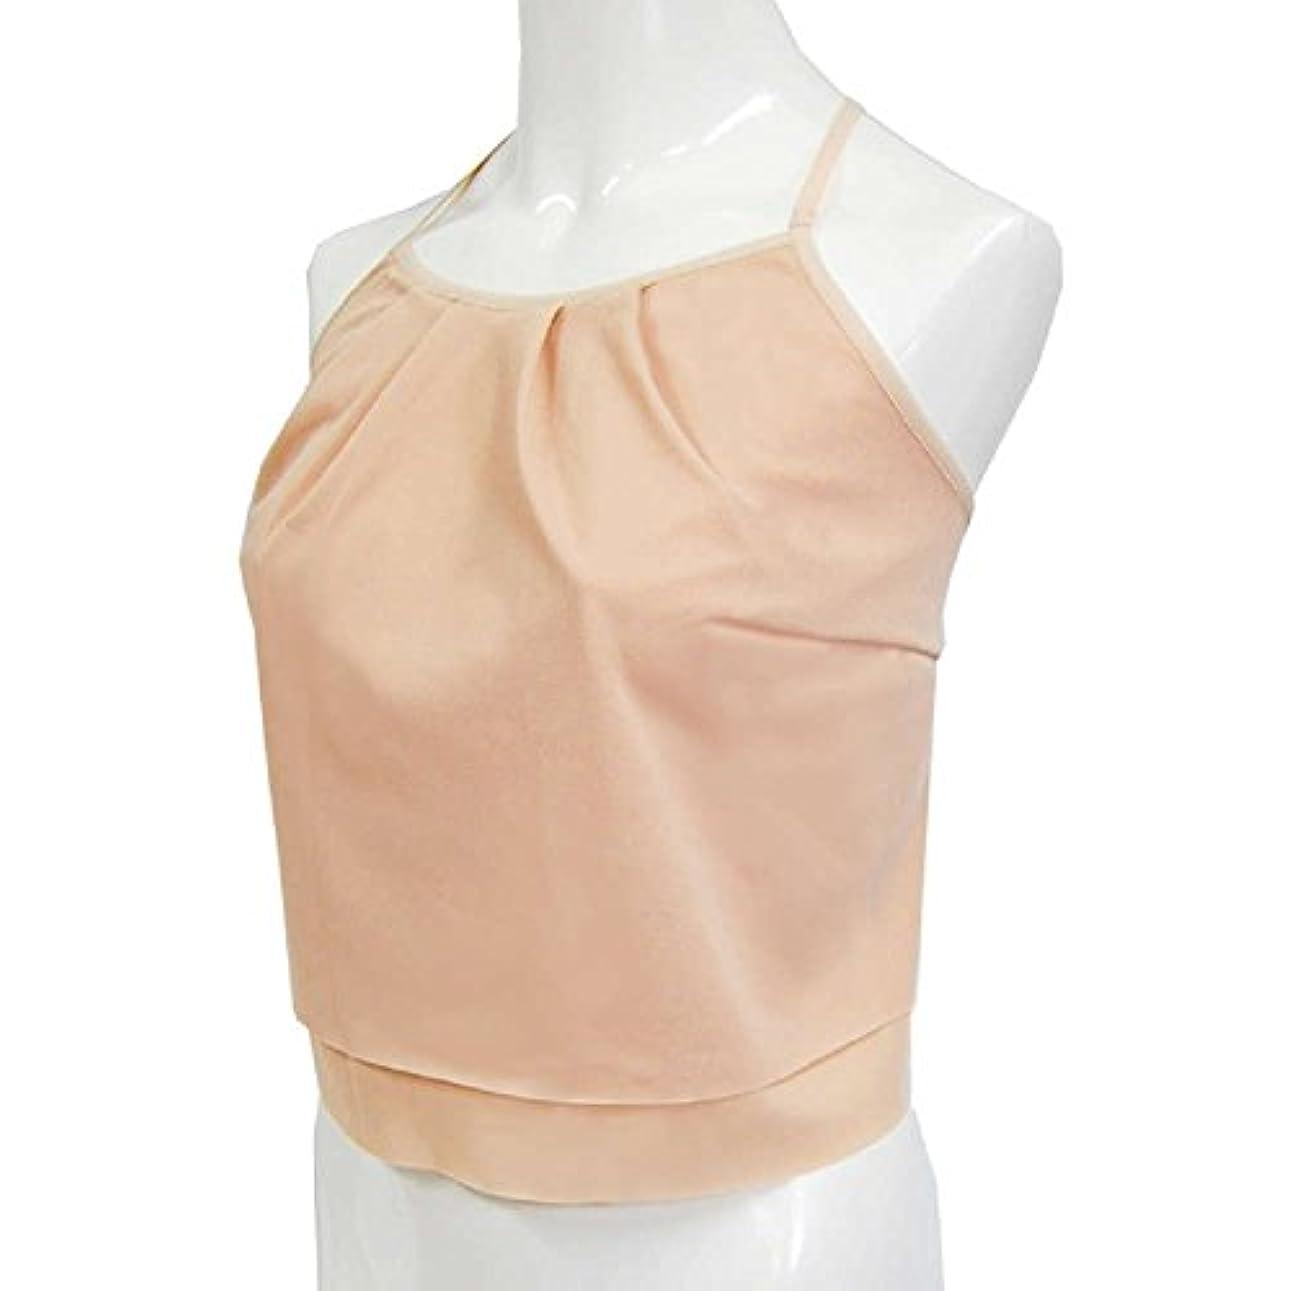 【乳がん】【乳房切除】【放射線治療】 りらっくすバスクロス (S-M)